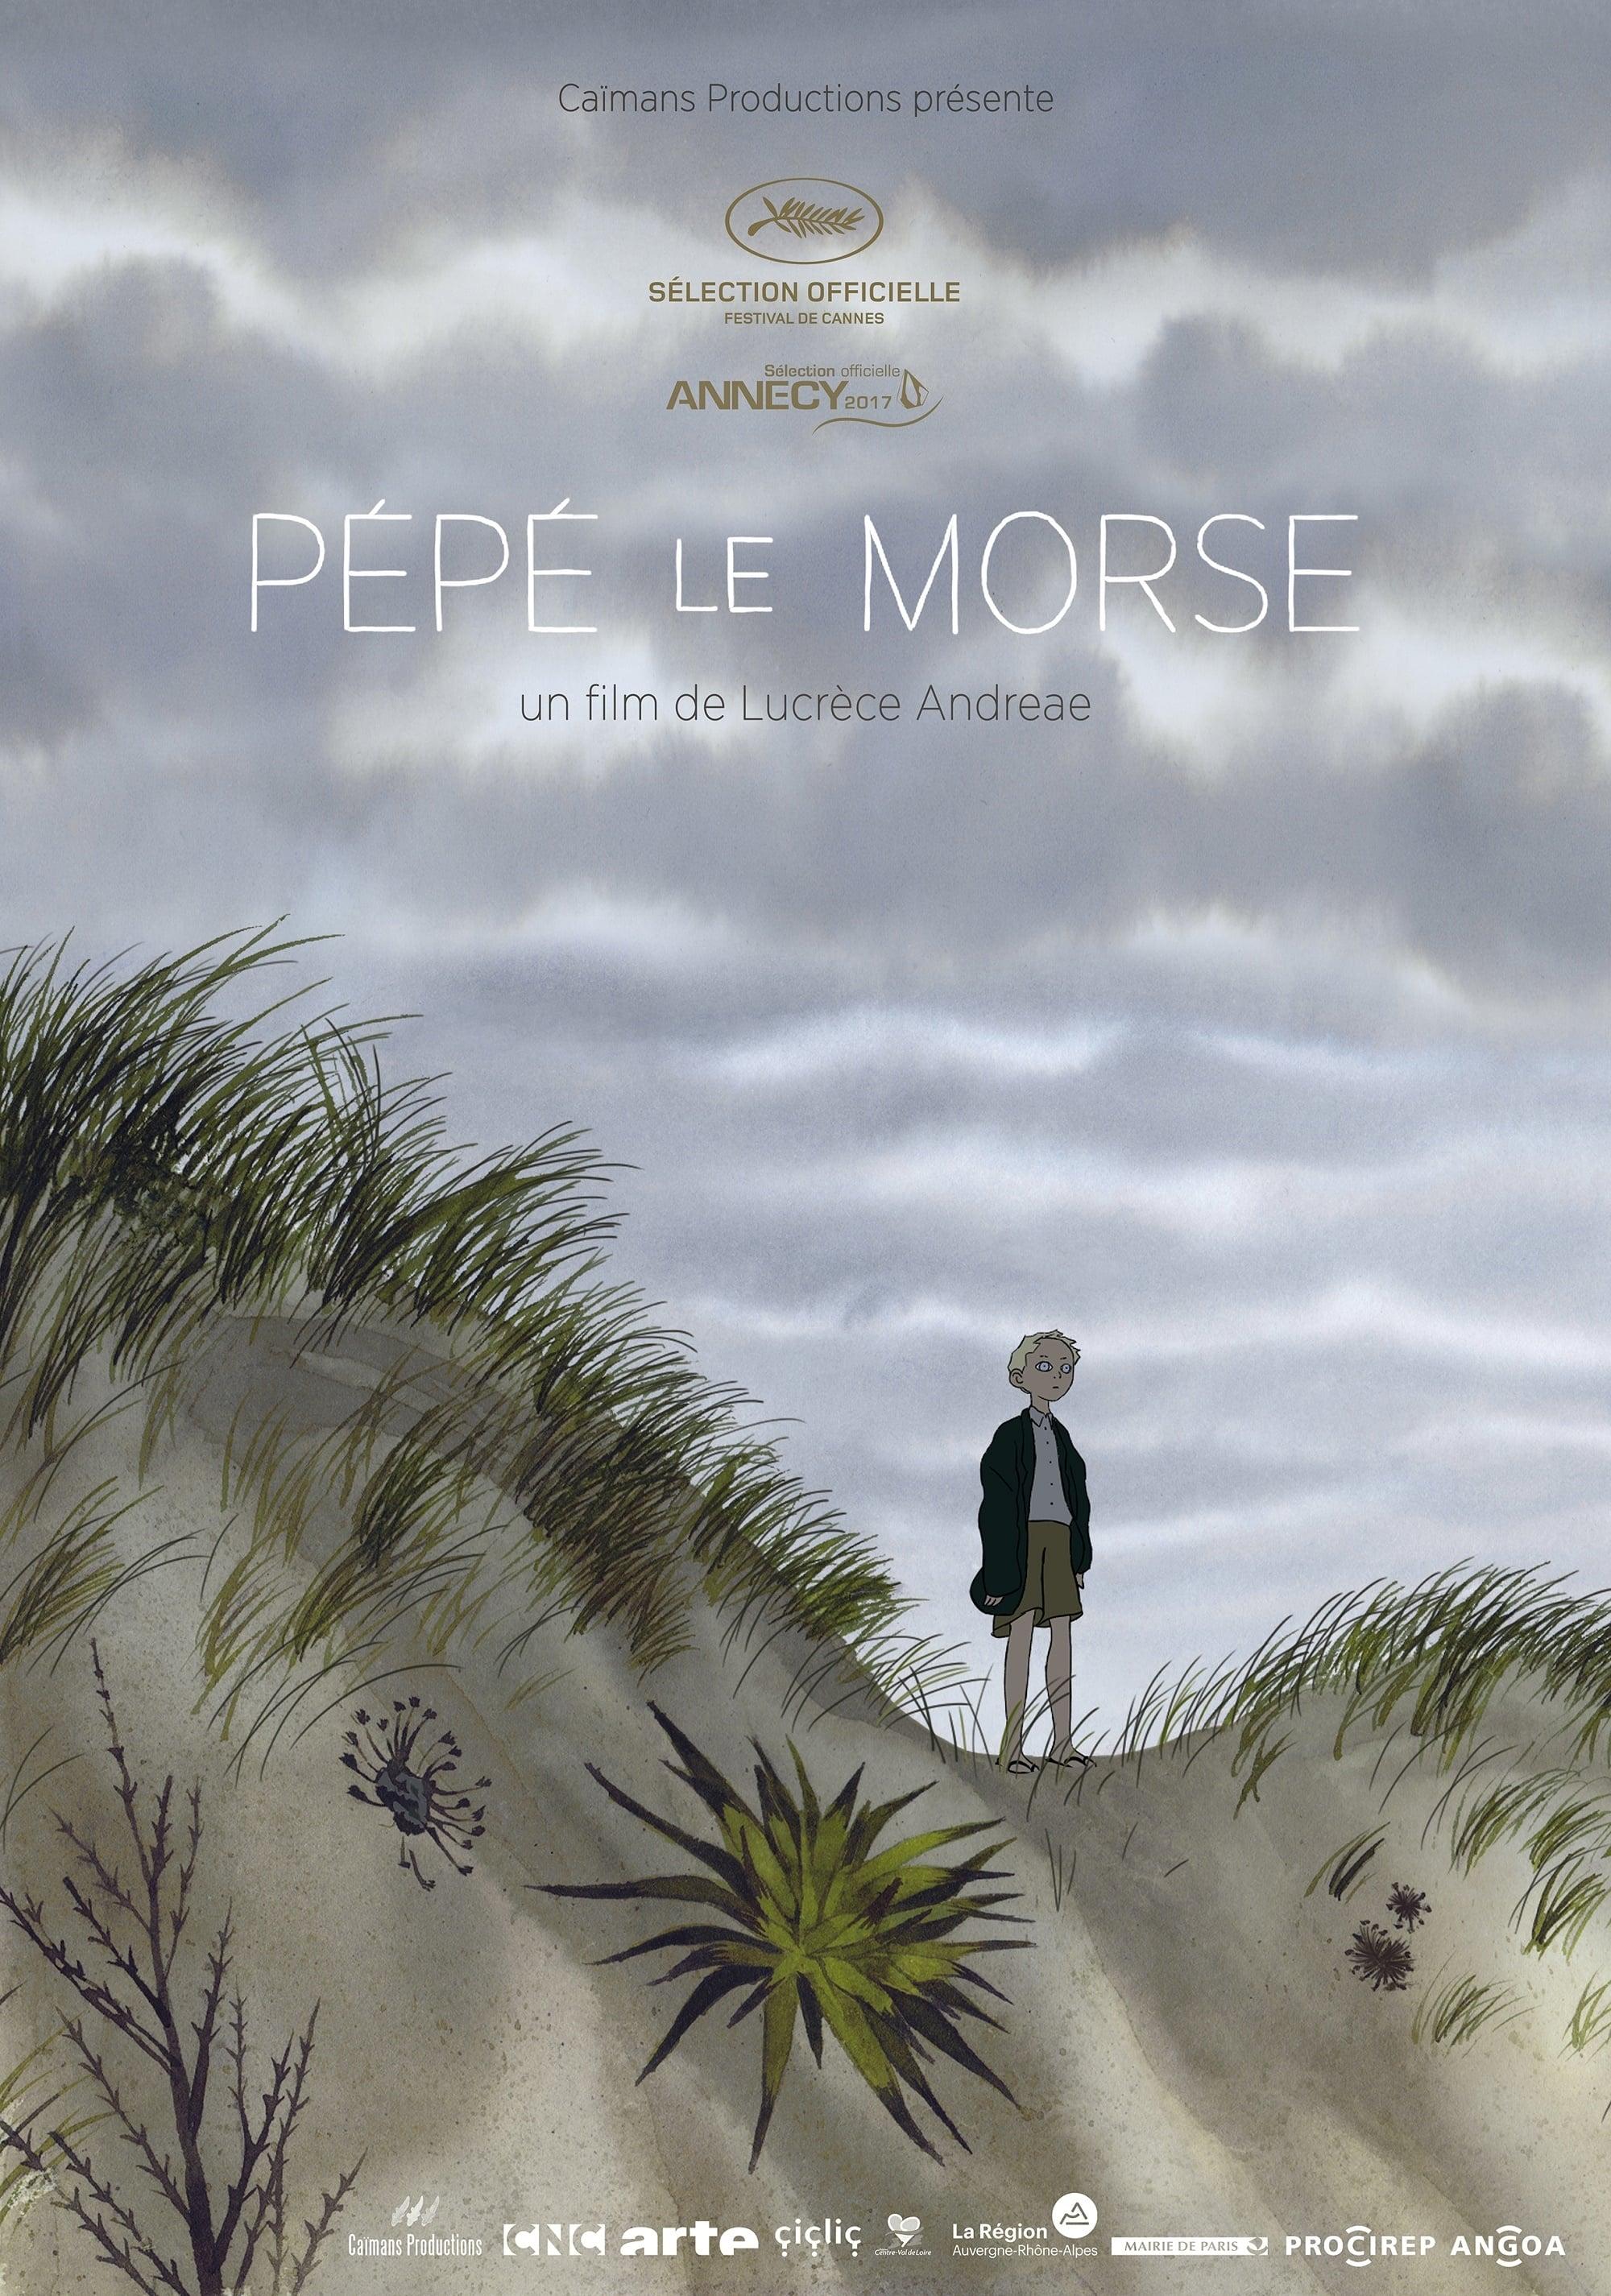 Pepe, a Morsa